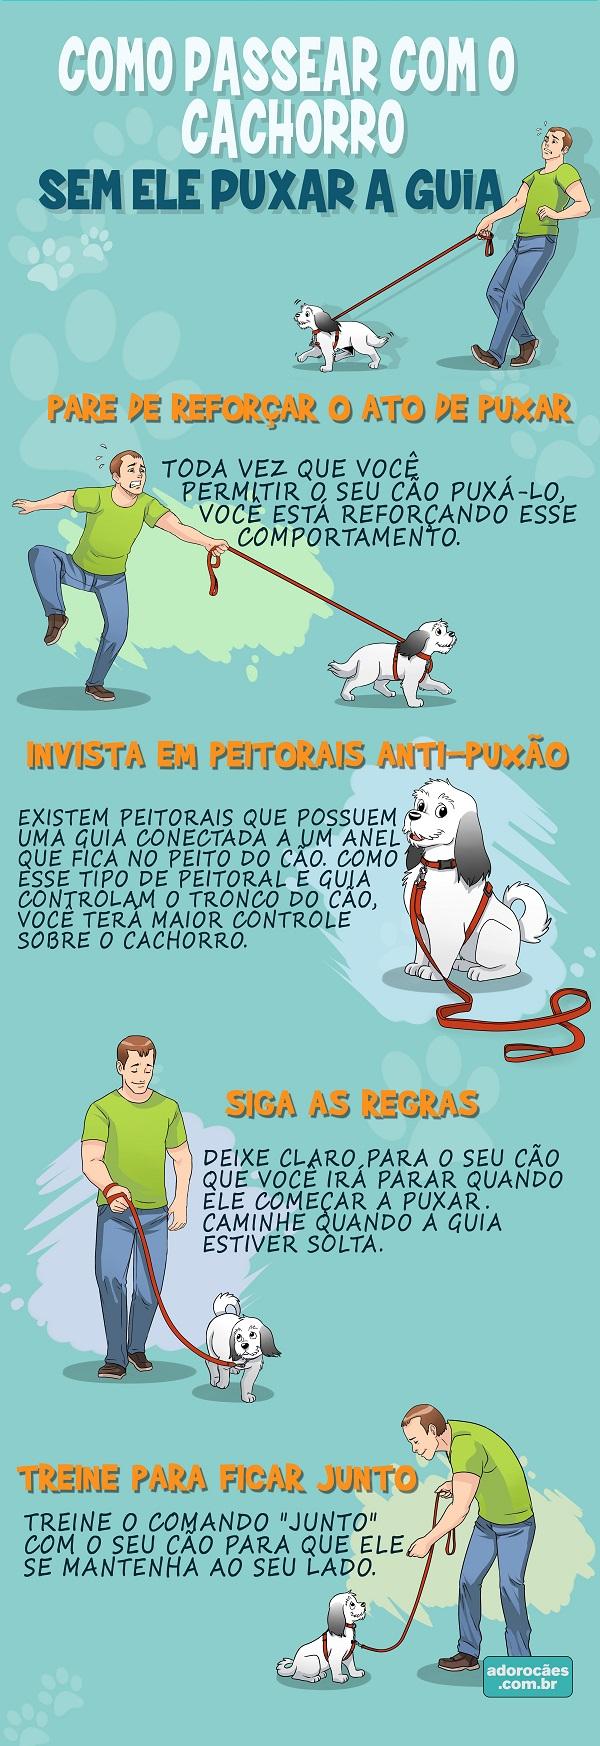 como-passear-com-o-cachorro-sem-ele-puxar-a-guia-infografico